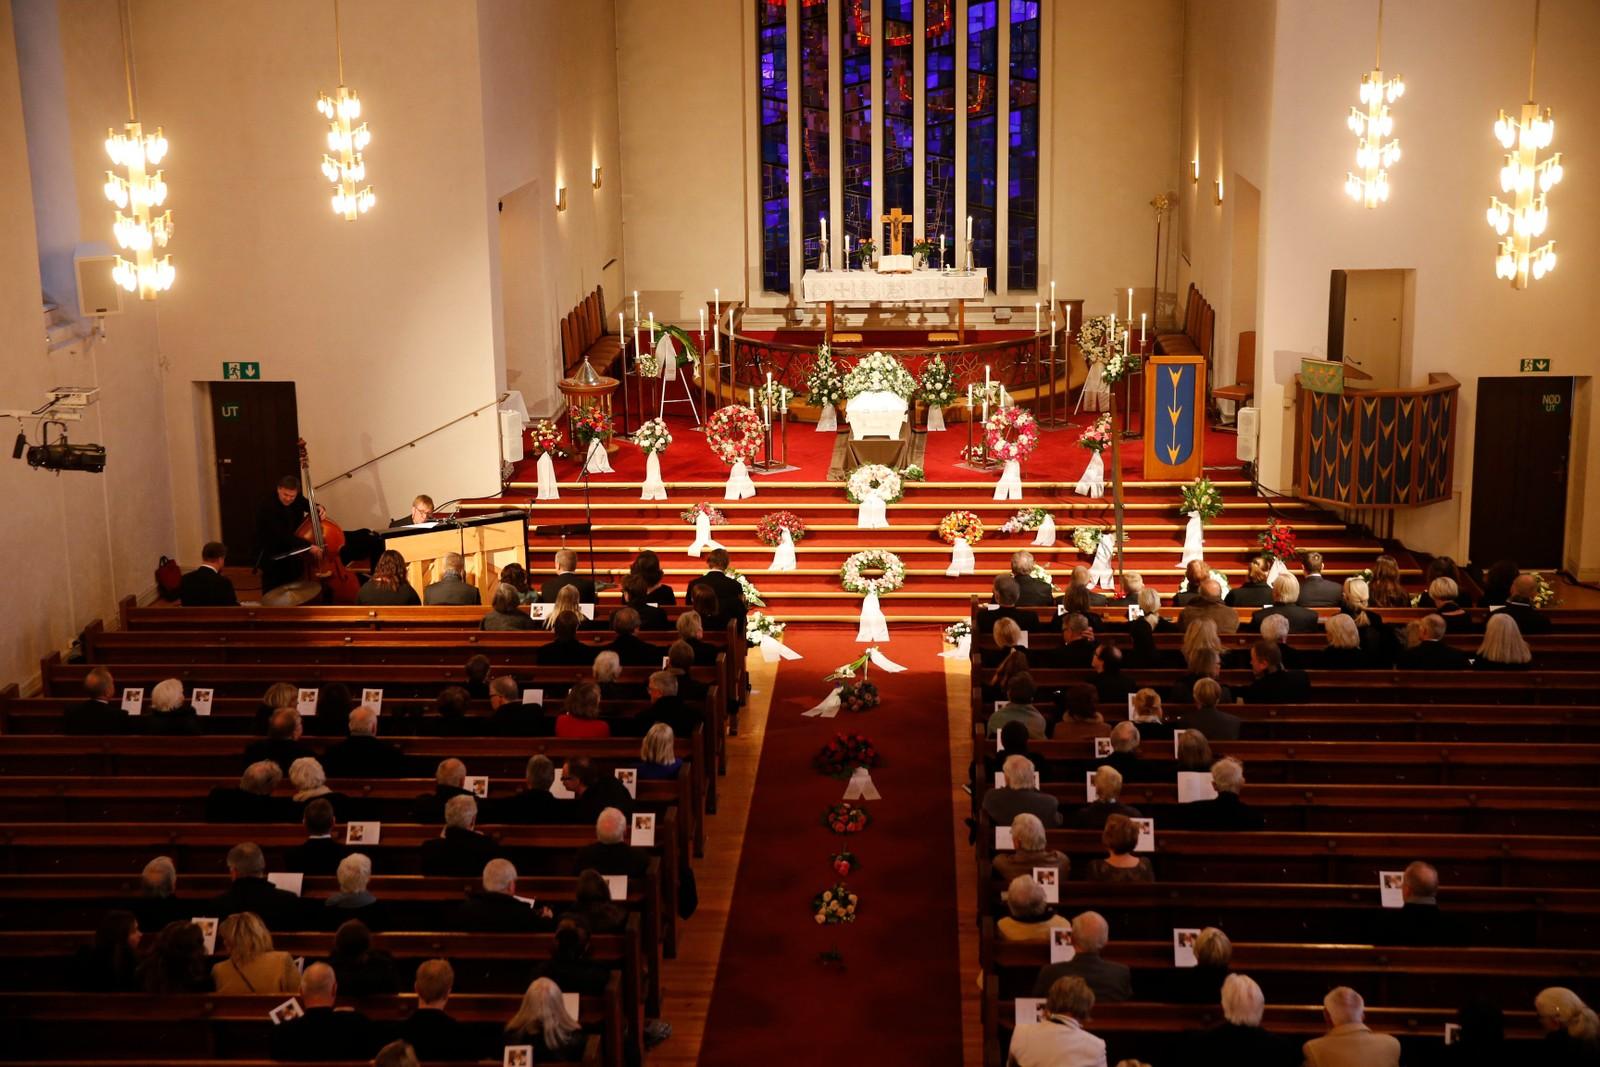 – Nora Brockstedt var en stor og folkekjær kunstner, sa prest Jan Oskar Utnem under seremonien i Grefsen kirke.